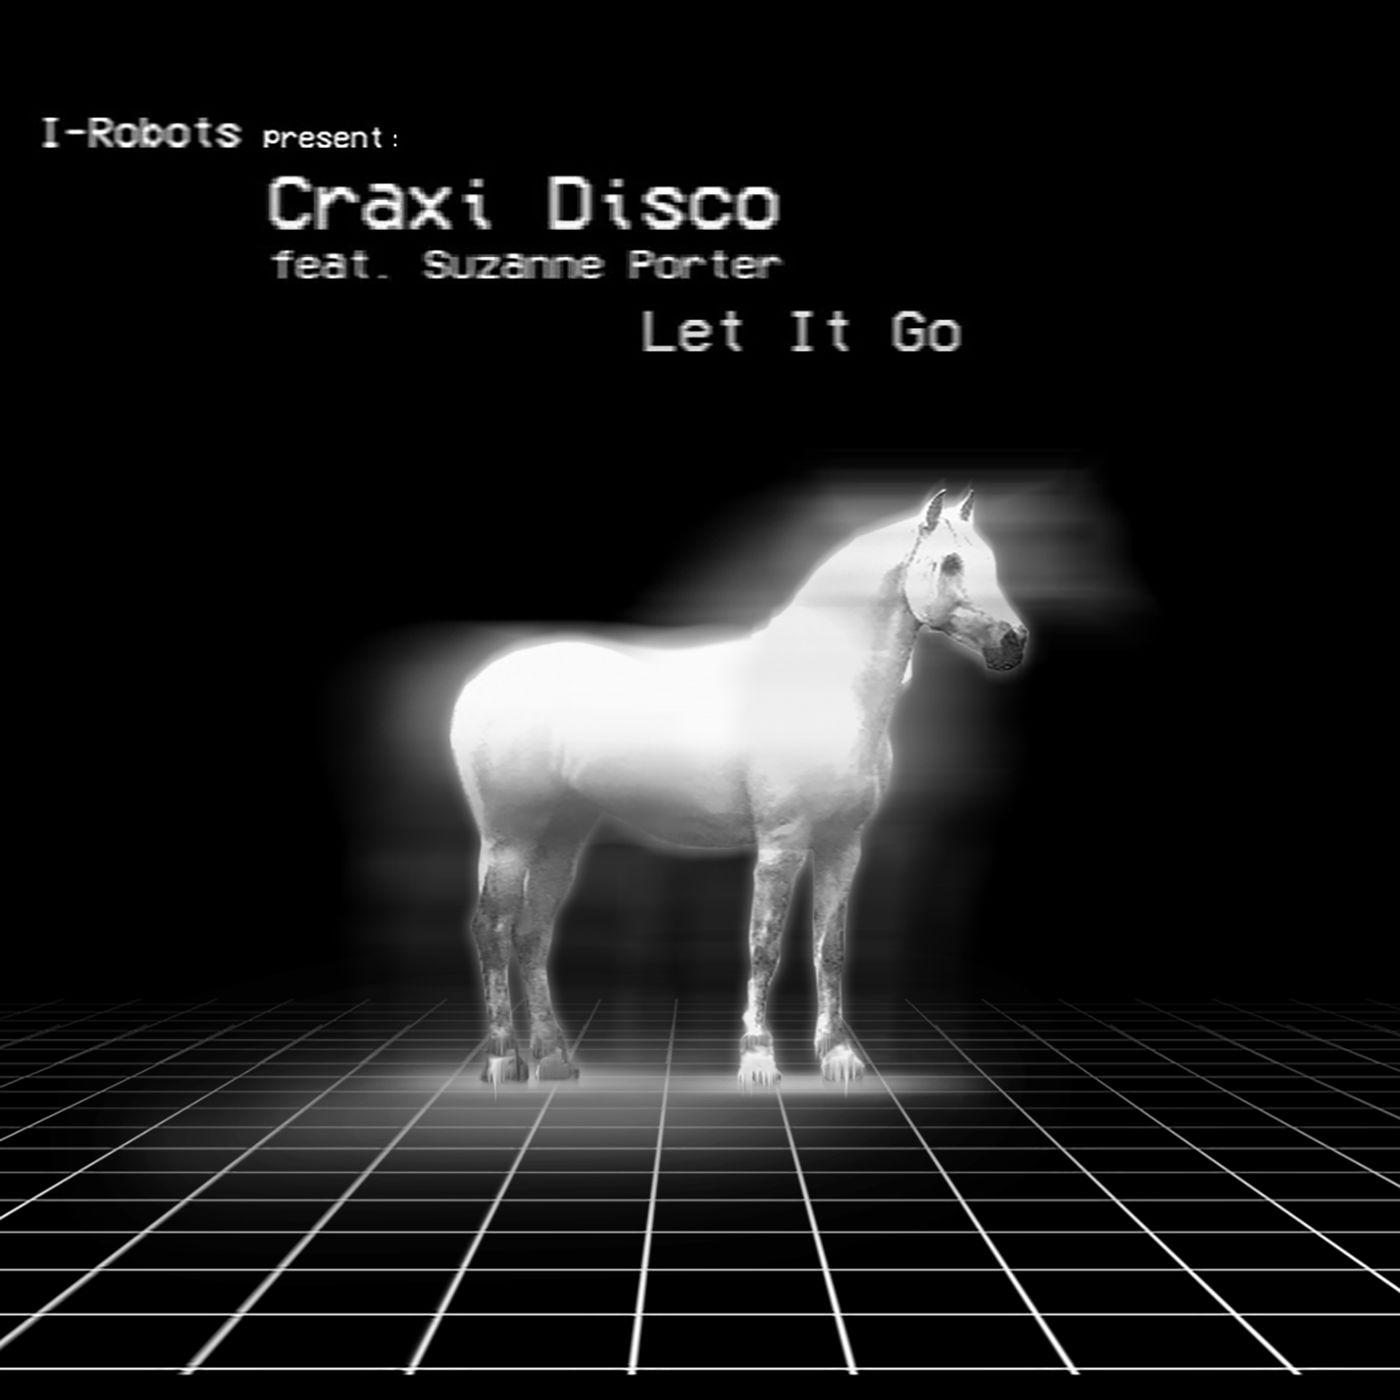 Craxi Disco, Suzanne Porter - Let It Go (Original Mix)